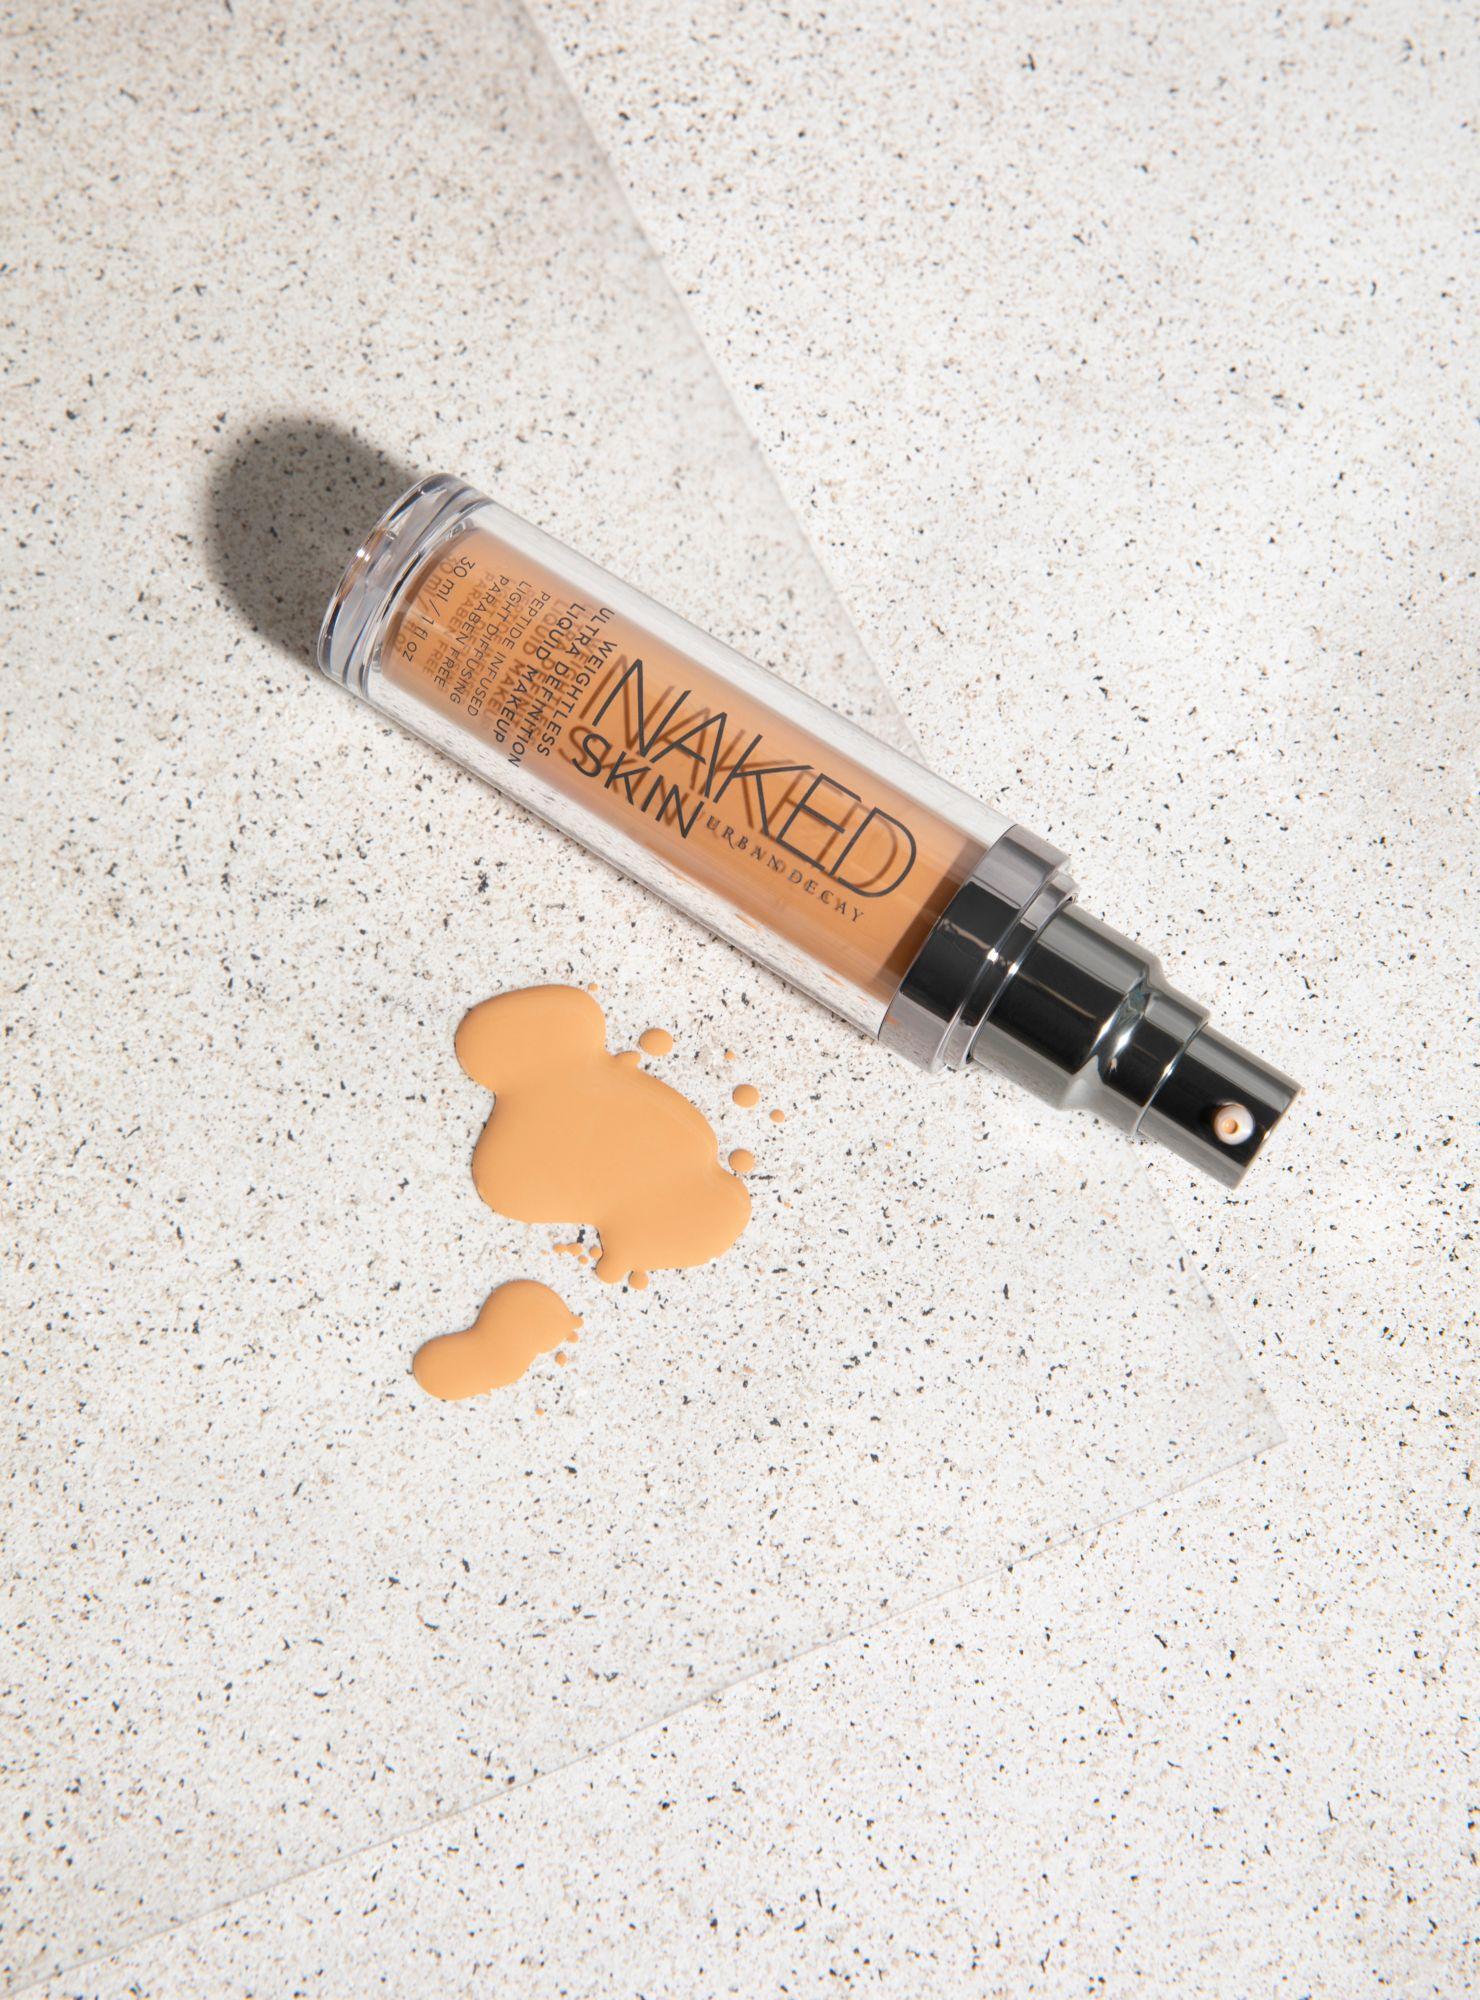 Volver a Sentirte to Wapa - Blog de belleza: Naked Skin